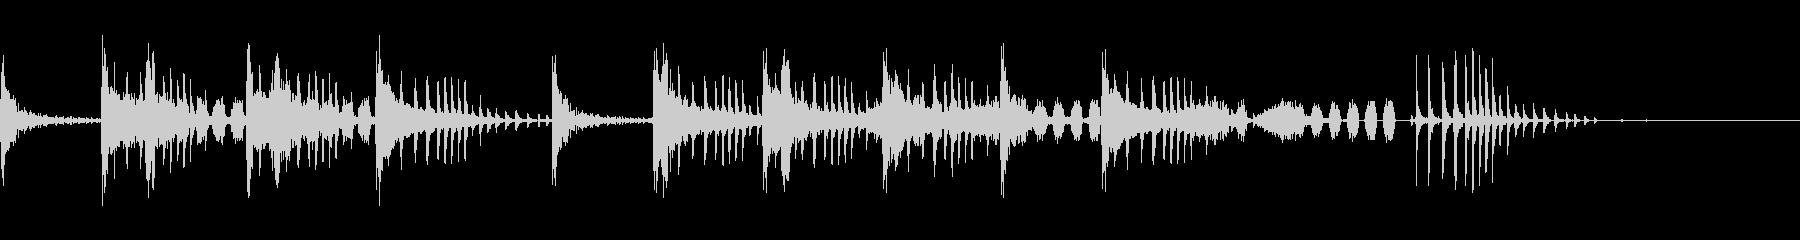 とんとん(派手な建設中の音)B10の未再生の波形